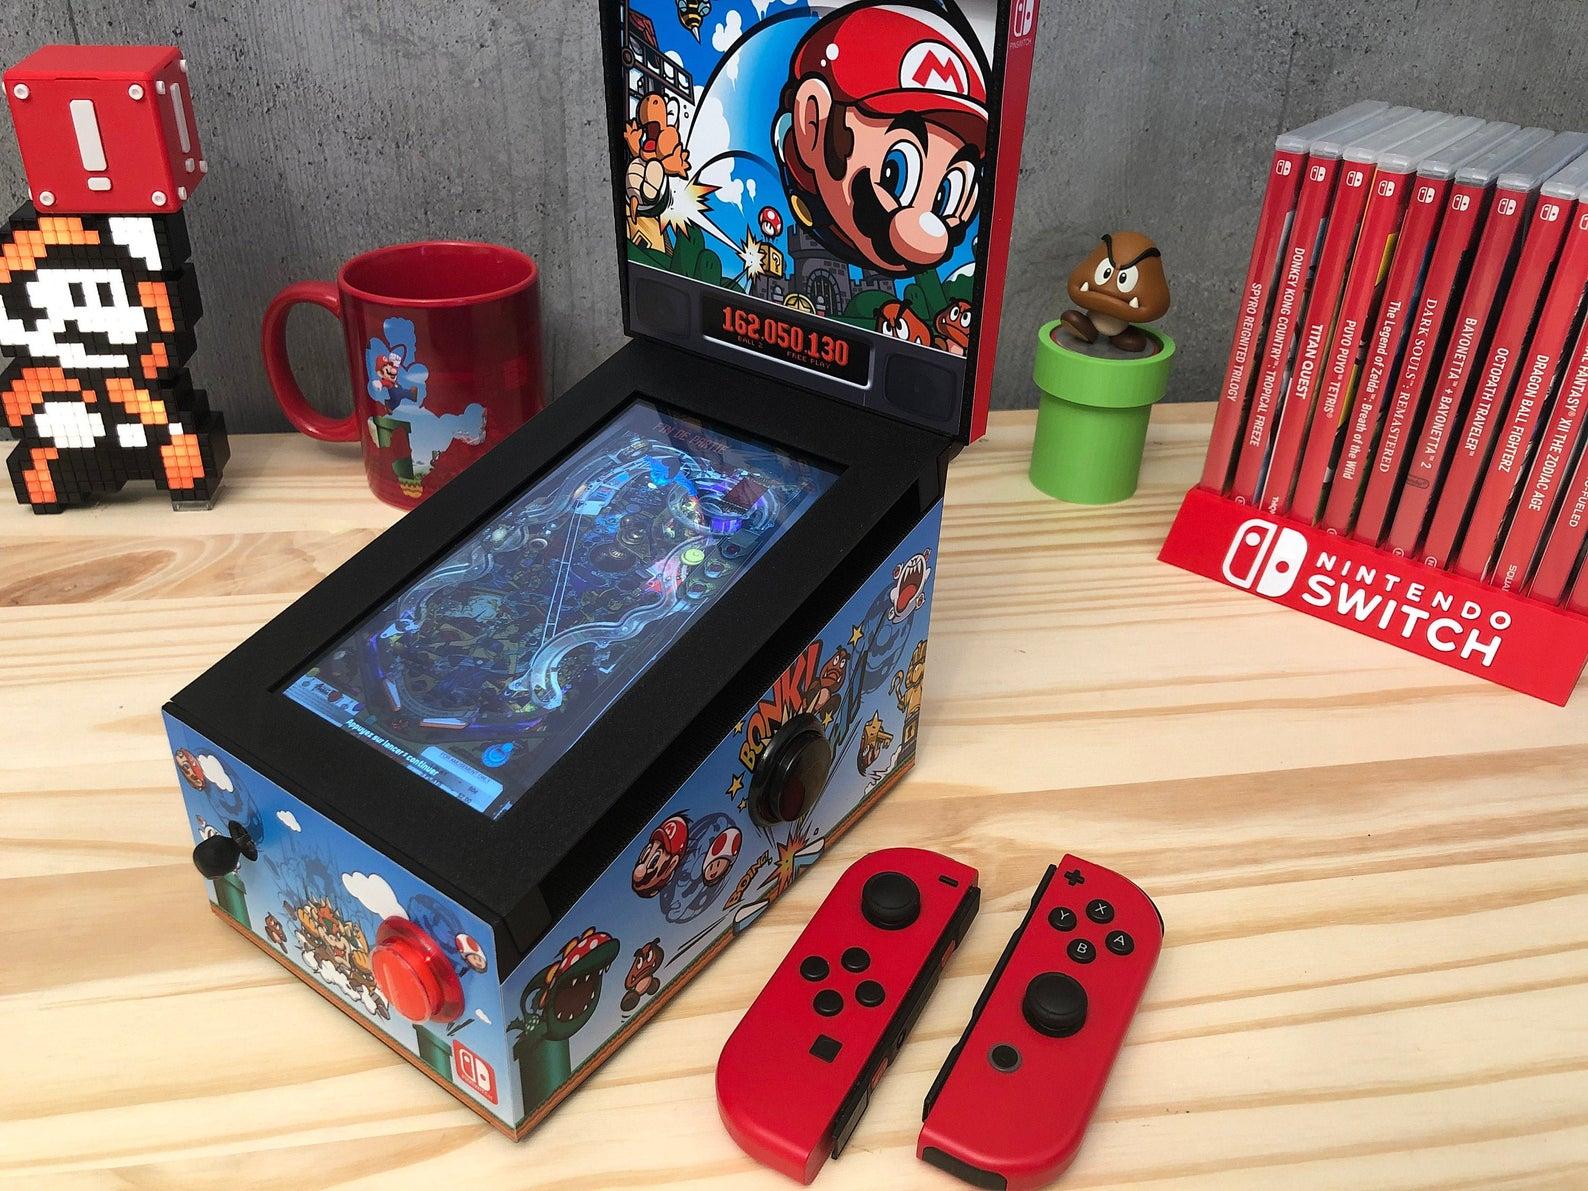 Aus der Nintendo Switch wird ein Flipper-Automat. (Foto: SakuraRetroModding)